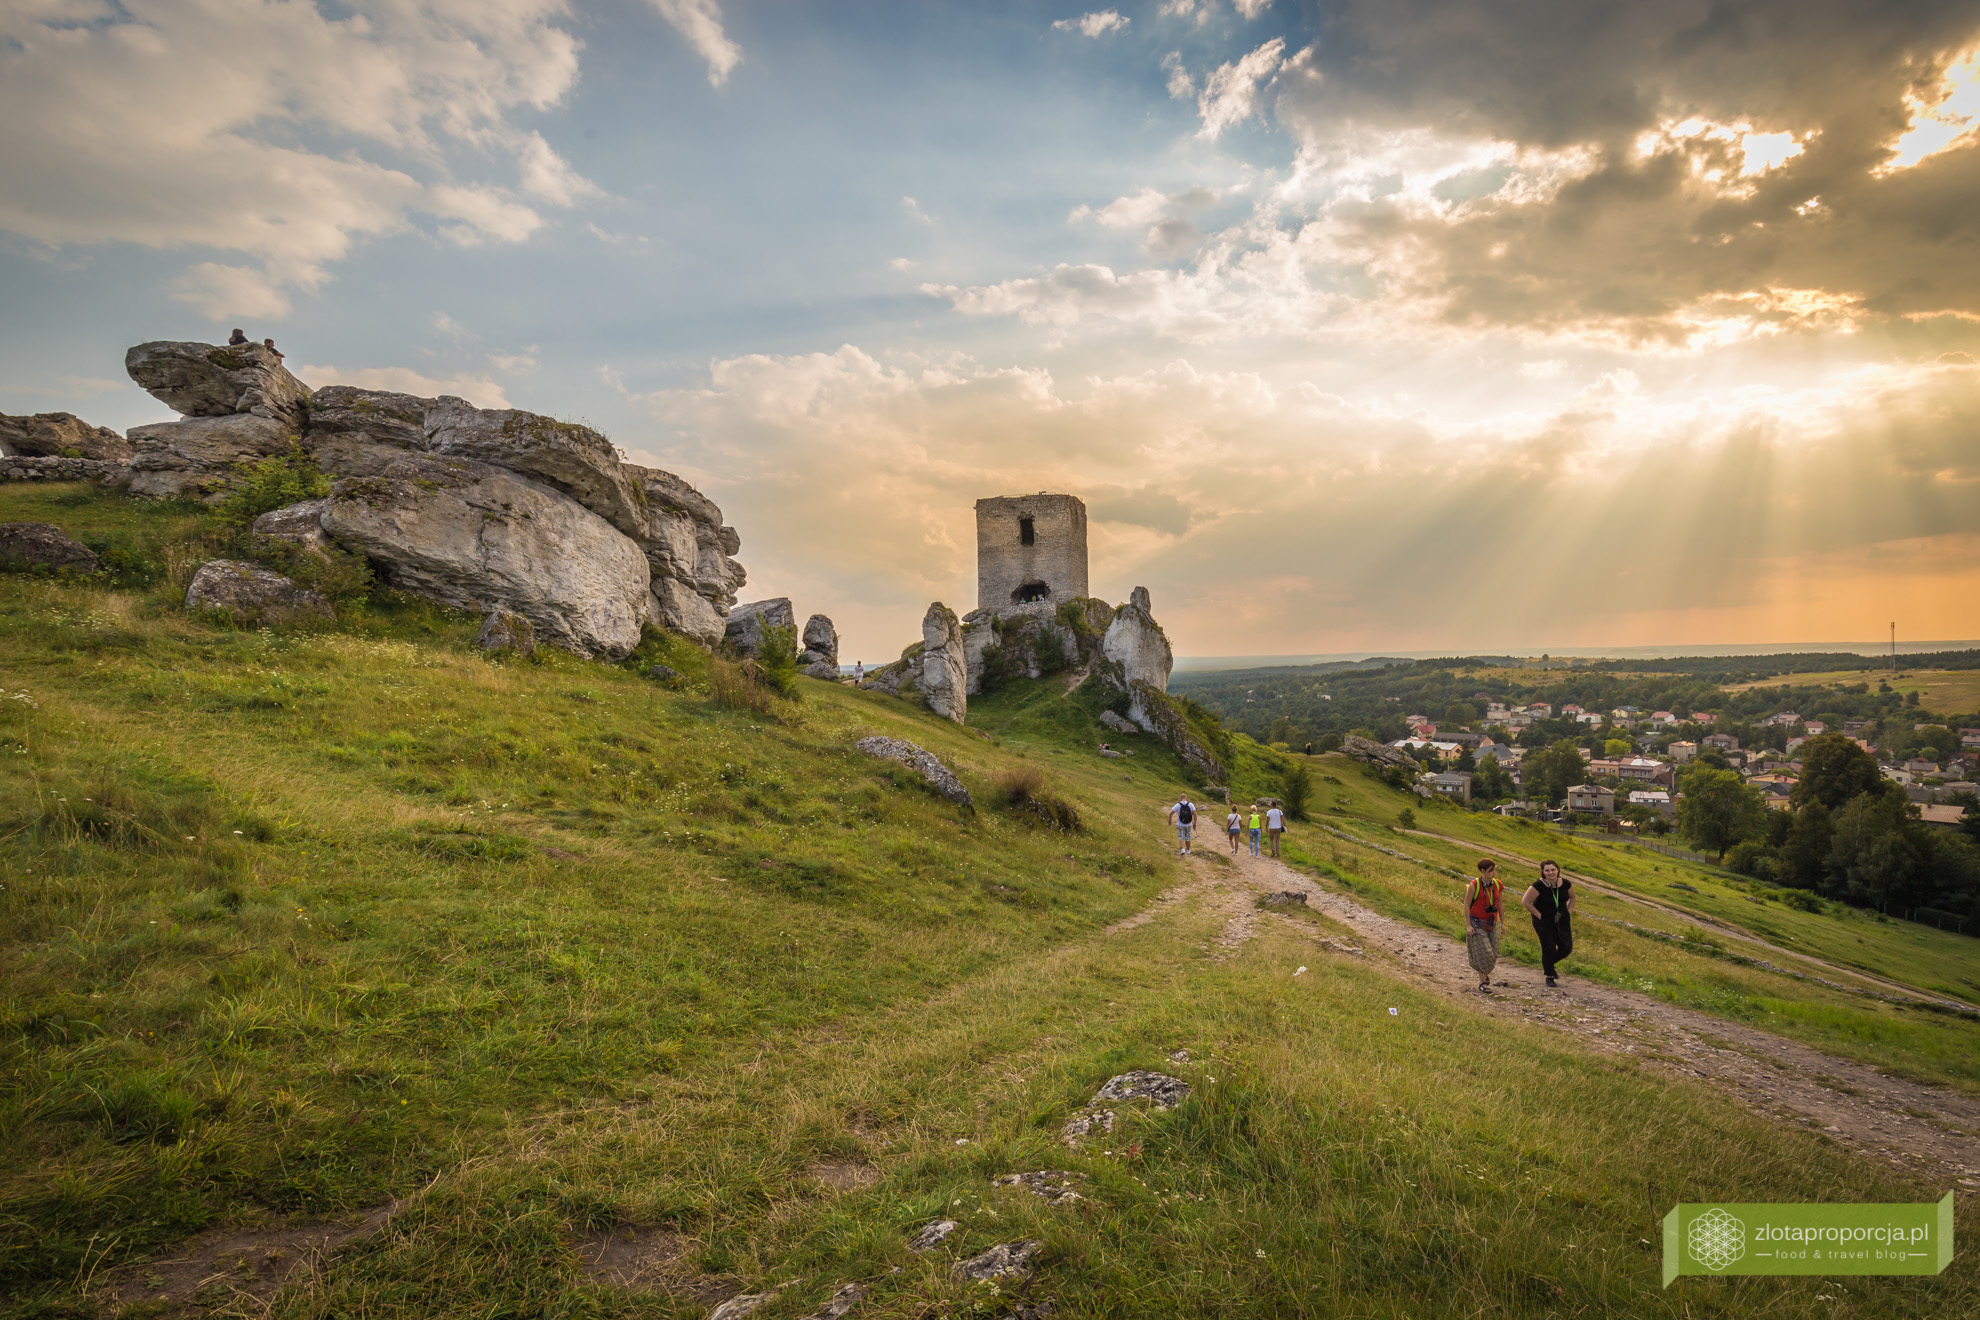 zamek-olsztyn-jura-0151